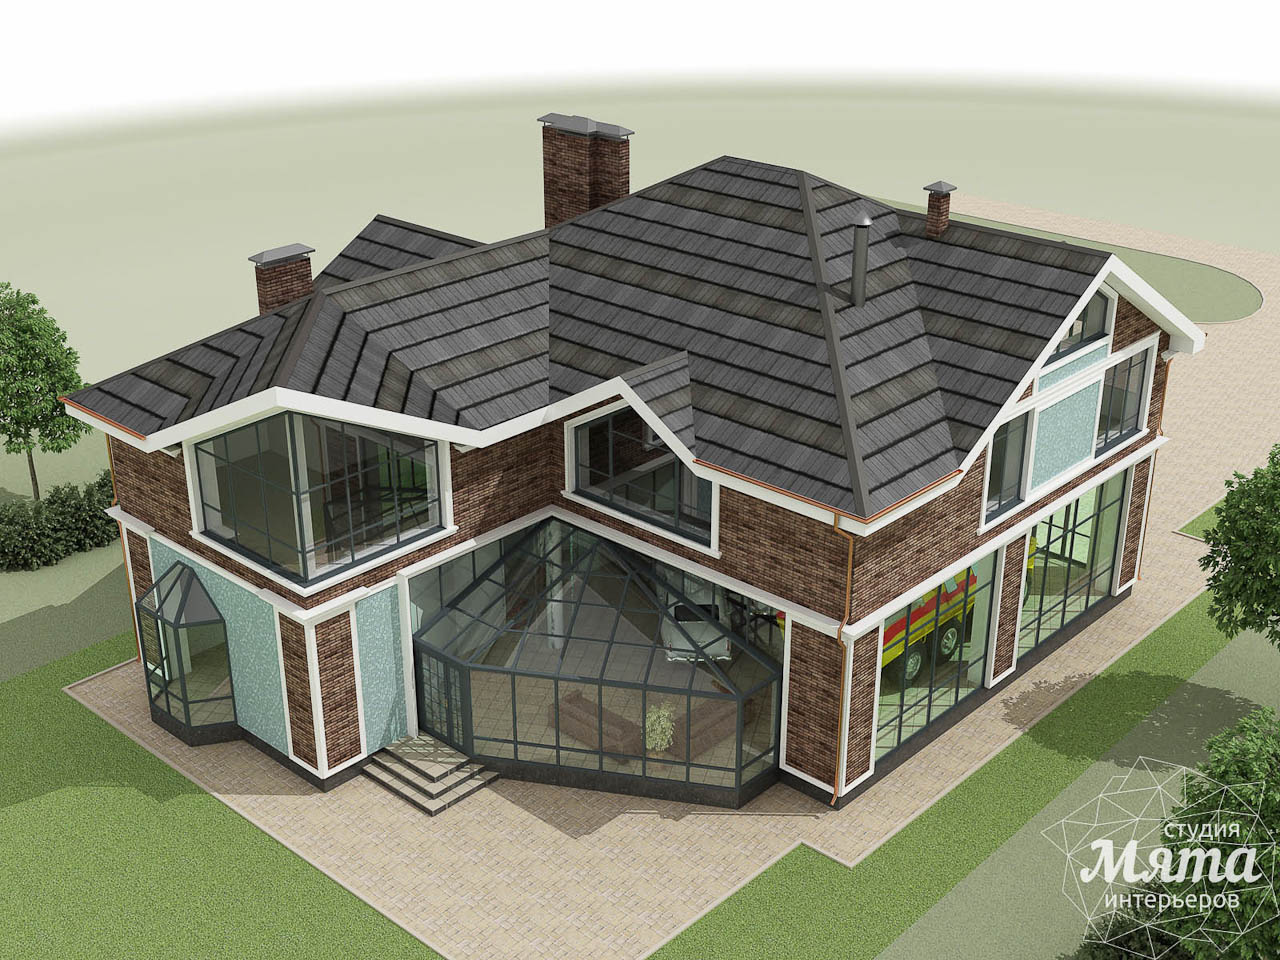 Дизайн фасада коттеджа в п. Палникс img99537300